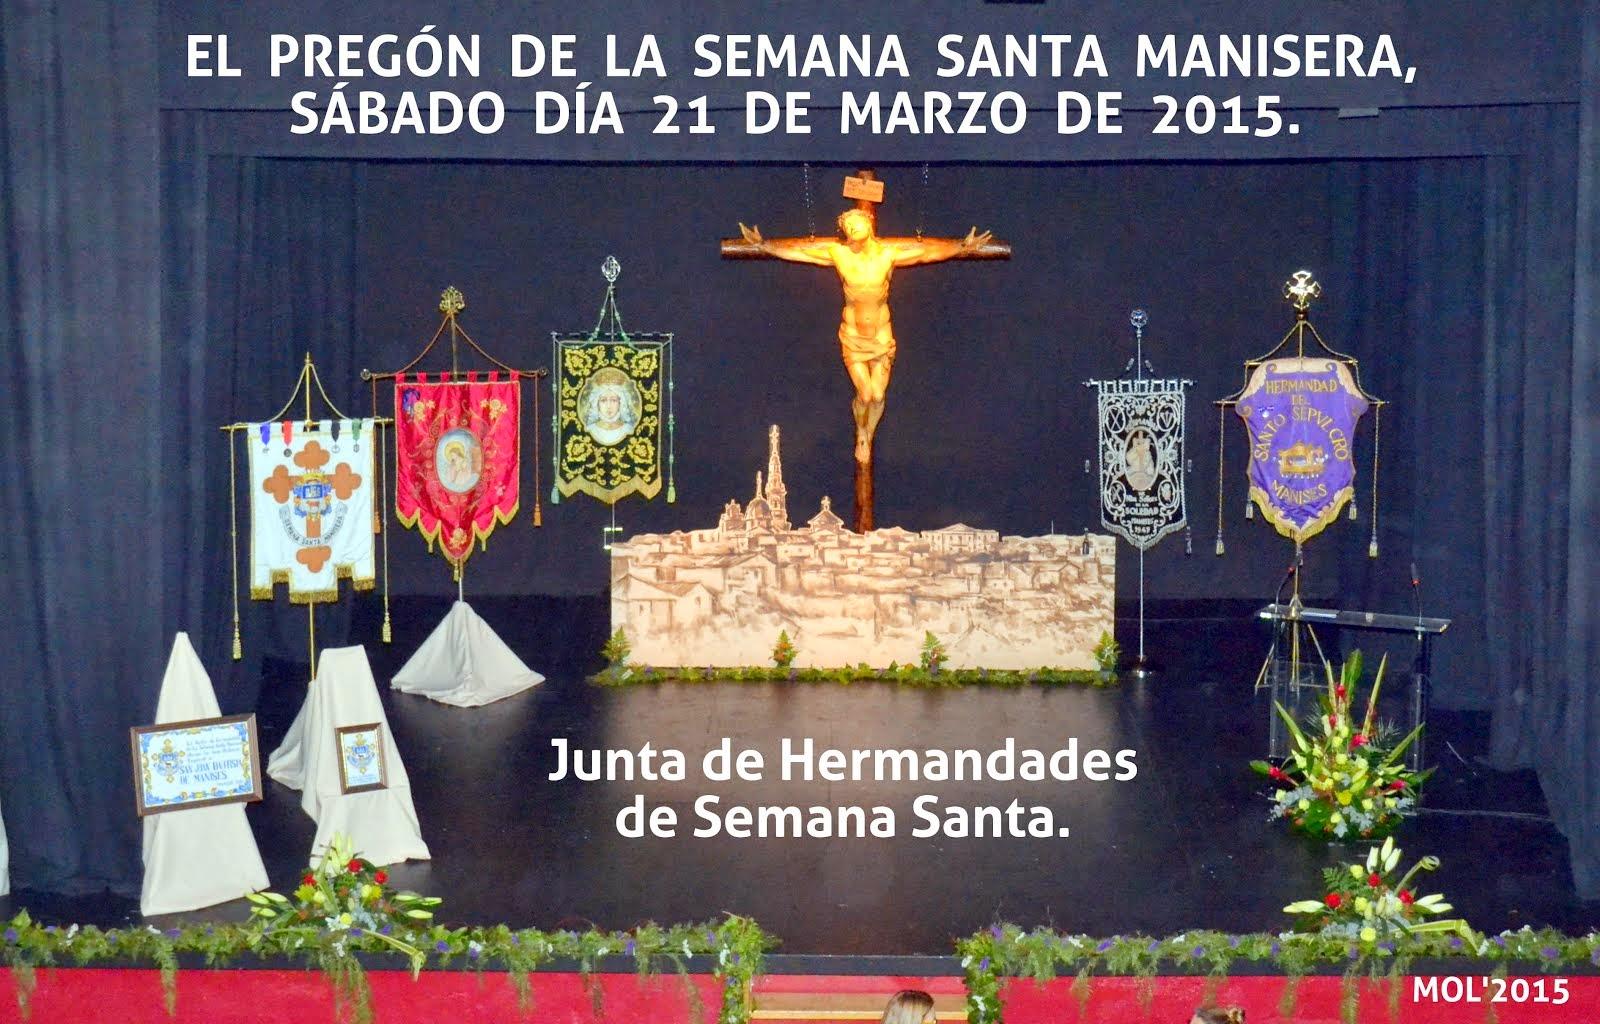 SEMANA SANTA MANISERA; EL PREGÓN DE 2015